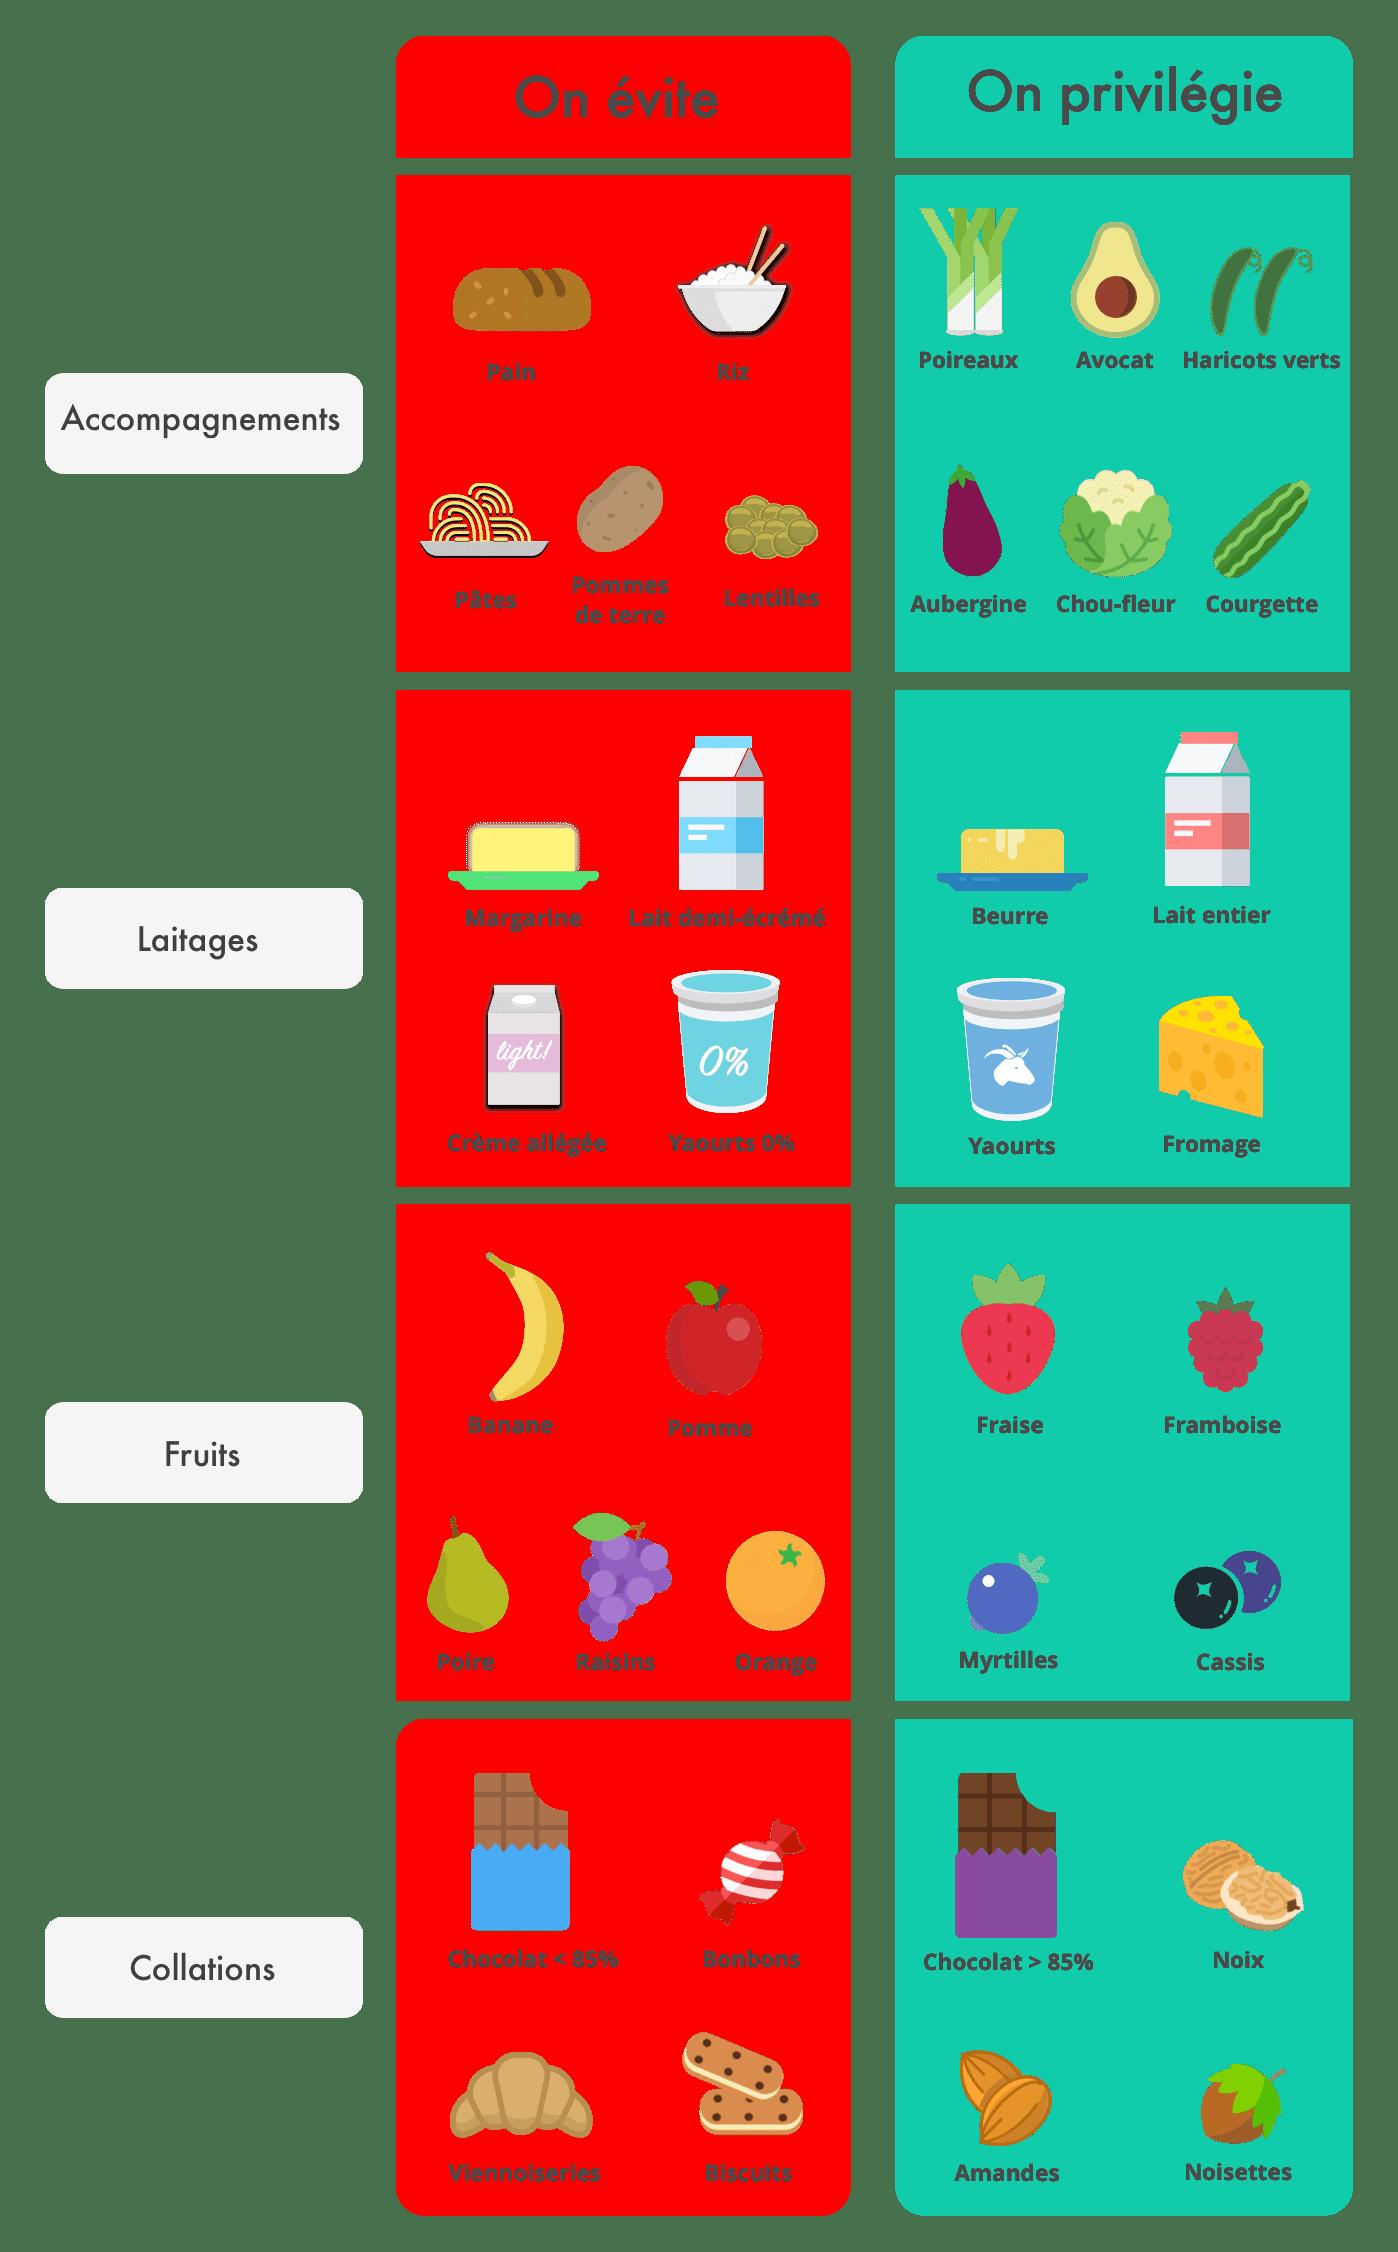 4 raisons pour lesquelles ton régime échoue